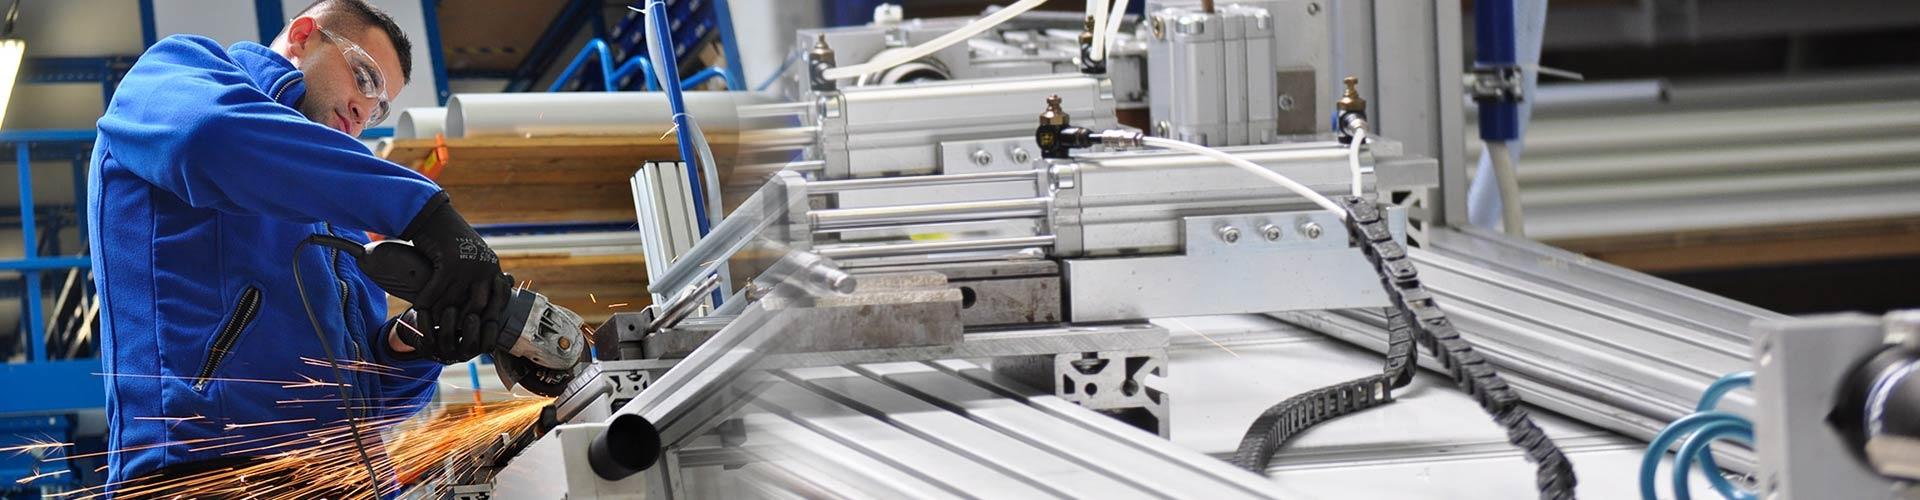 Pracownik produkcyjny w fabryce